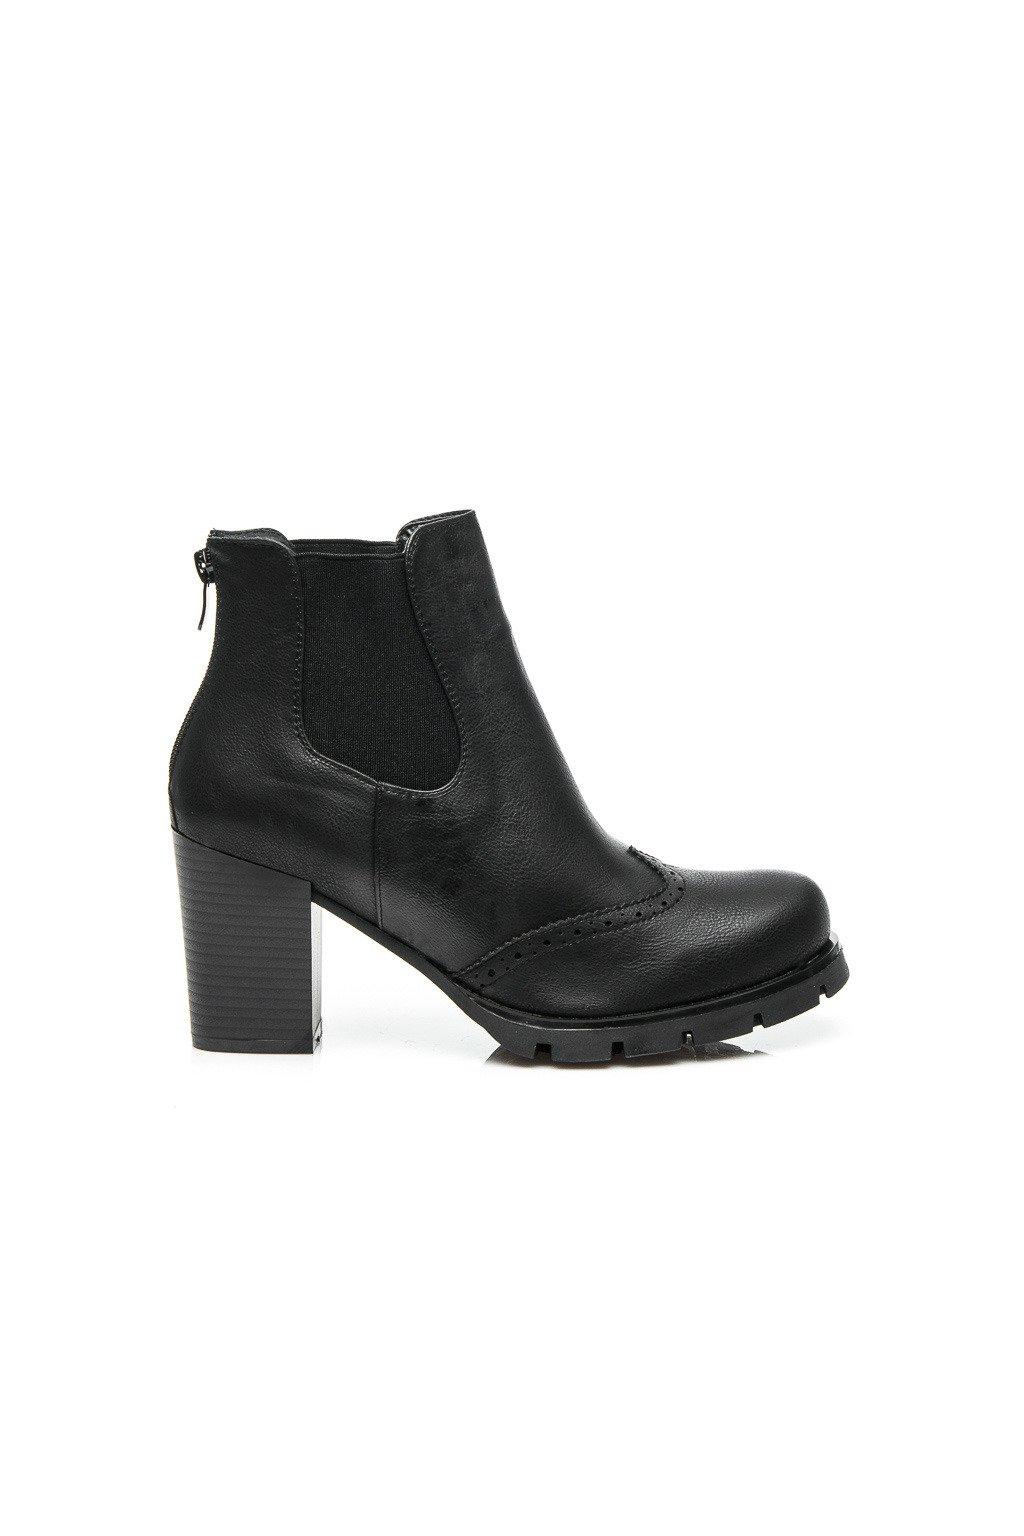 Čierne topánky (Veľkosť UK5 / EUR 38)